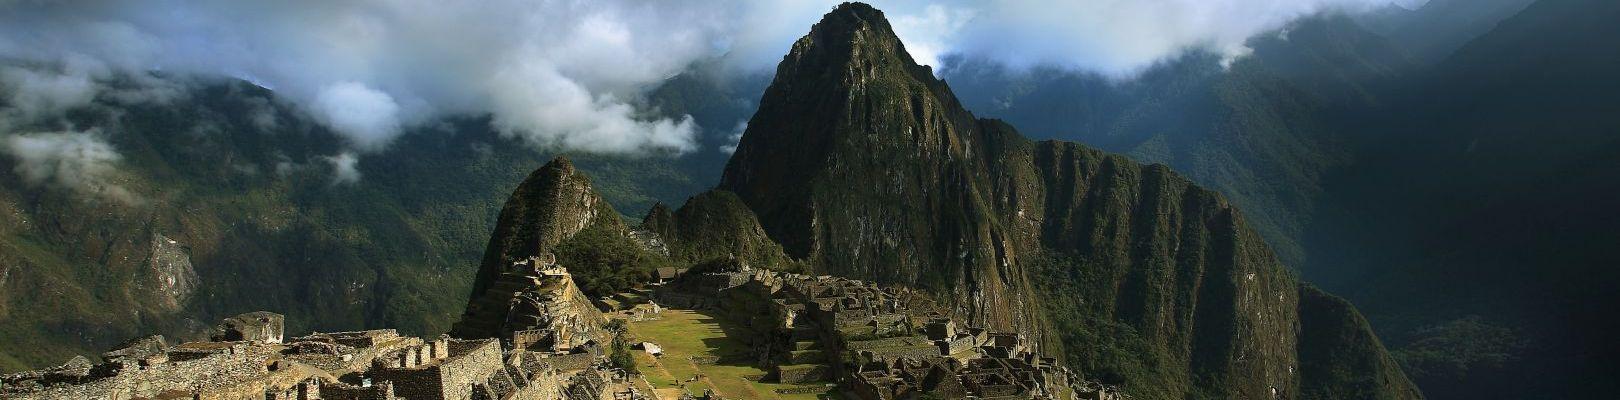 Machu-Picchu-vue-panoramique